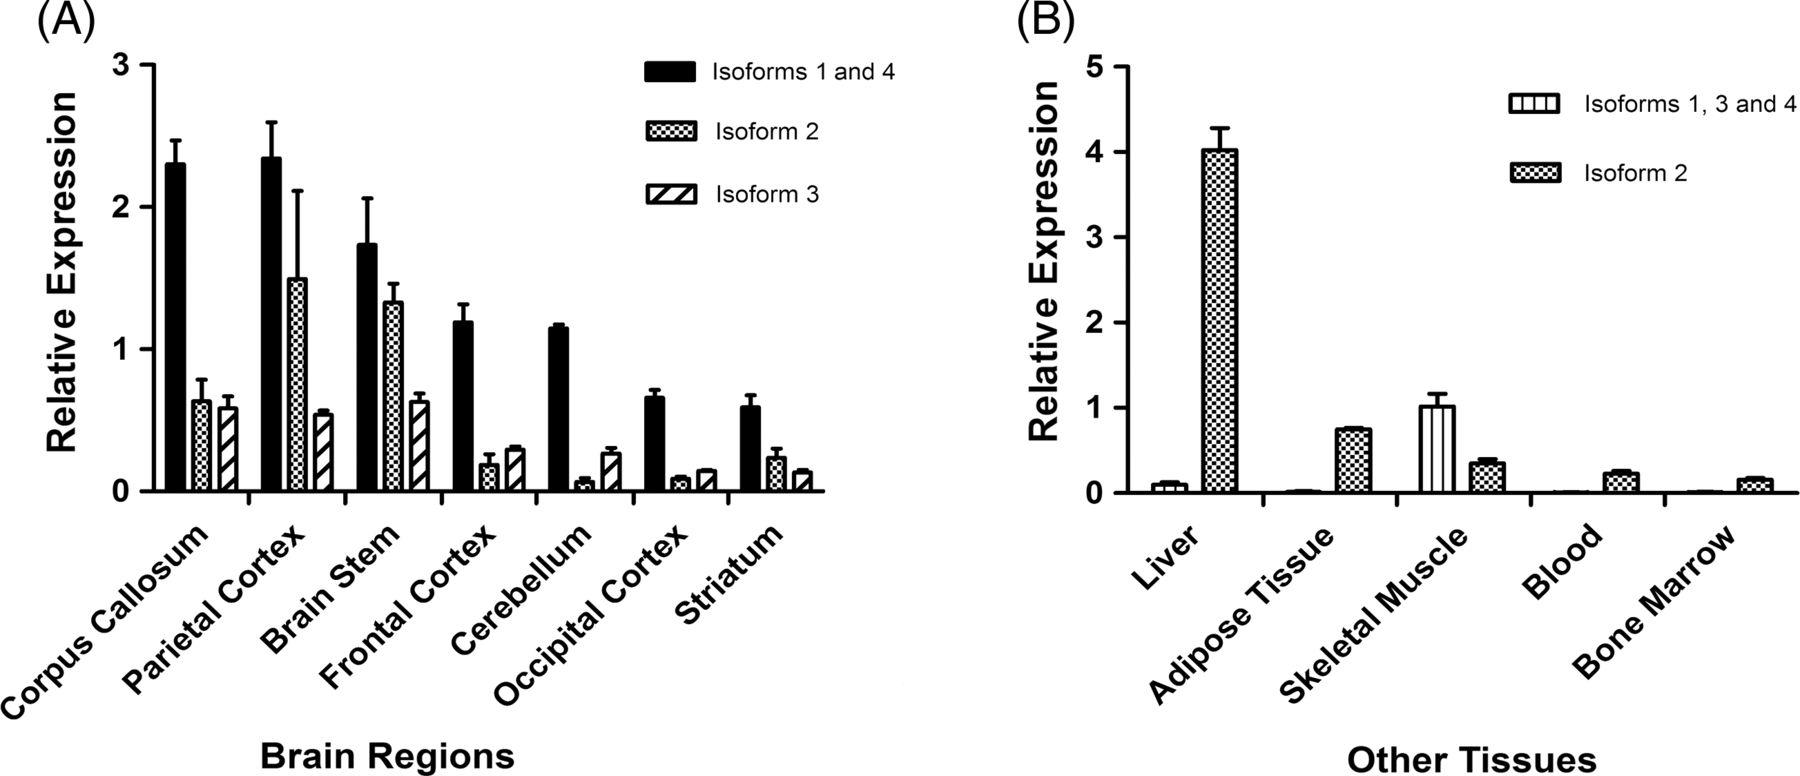 TBC1D24 truncating mutation resulting in severe neurodegeneration